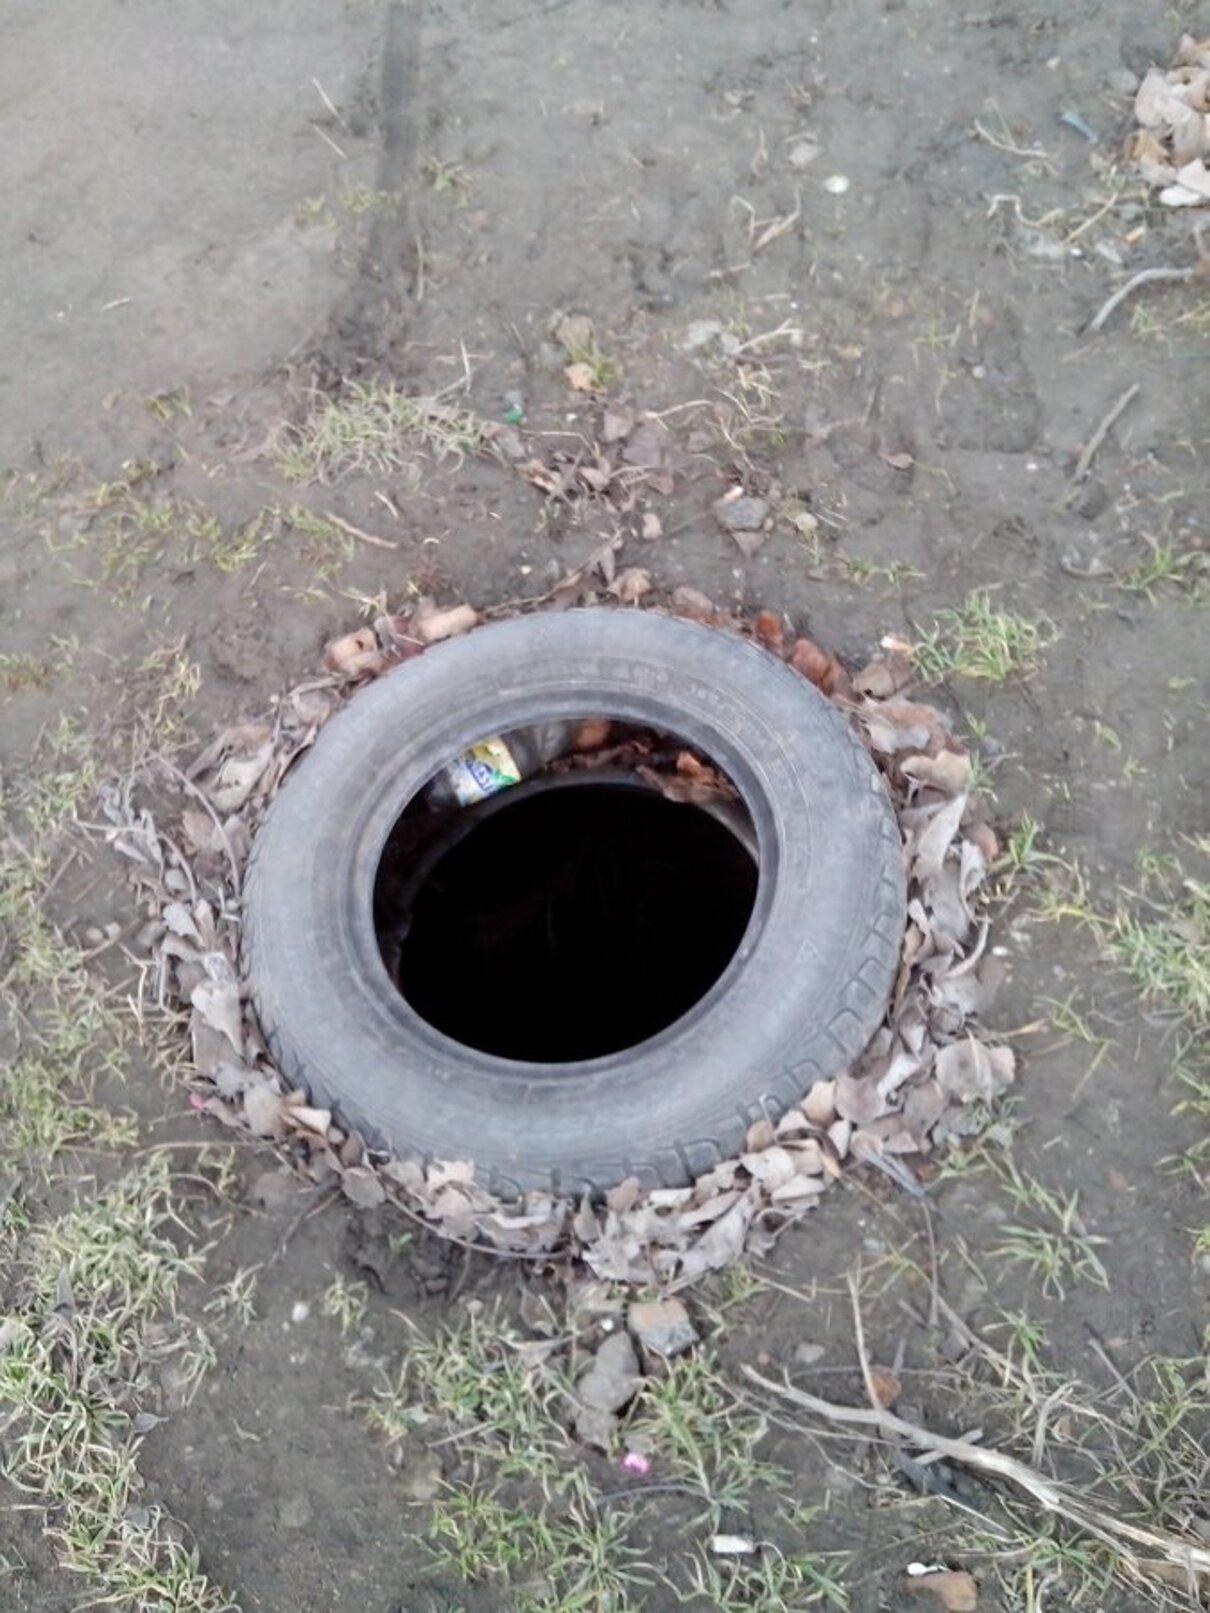 Жалоба-отзыв: Укртелеком - Бесконечный ремонт или лапша от Укртелекома.  Фото №2